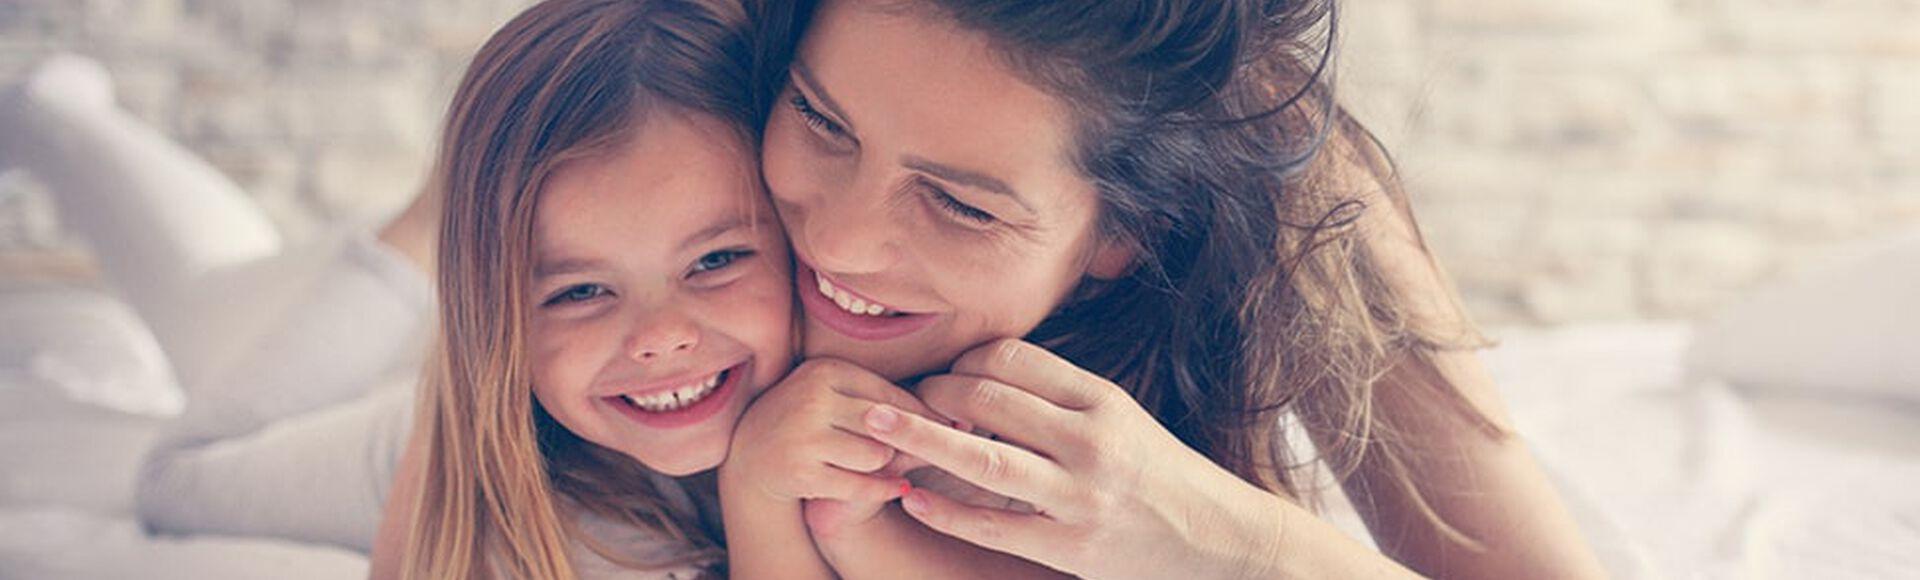 Madre e hija abrazadas en la cama